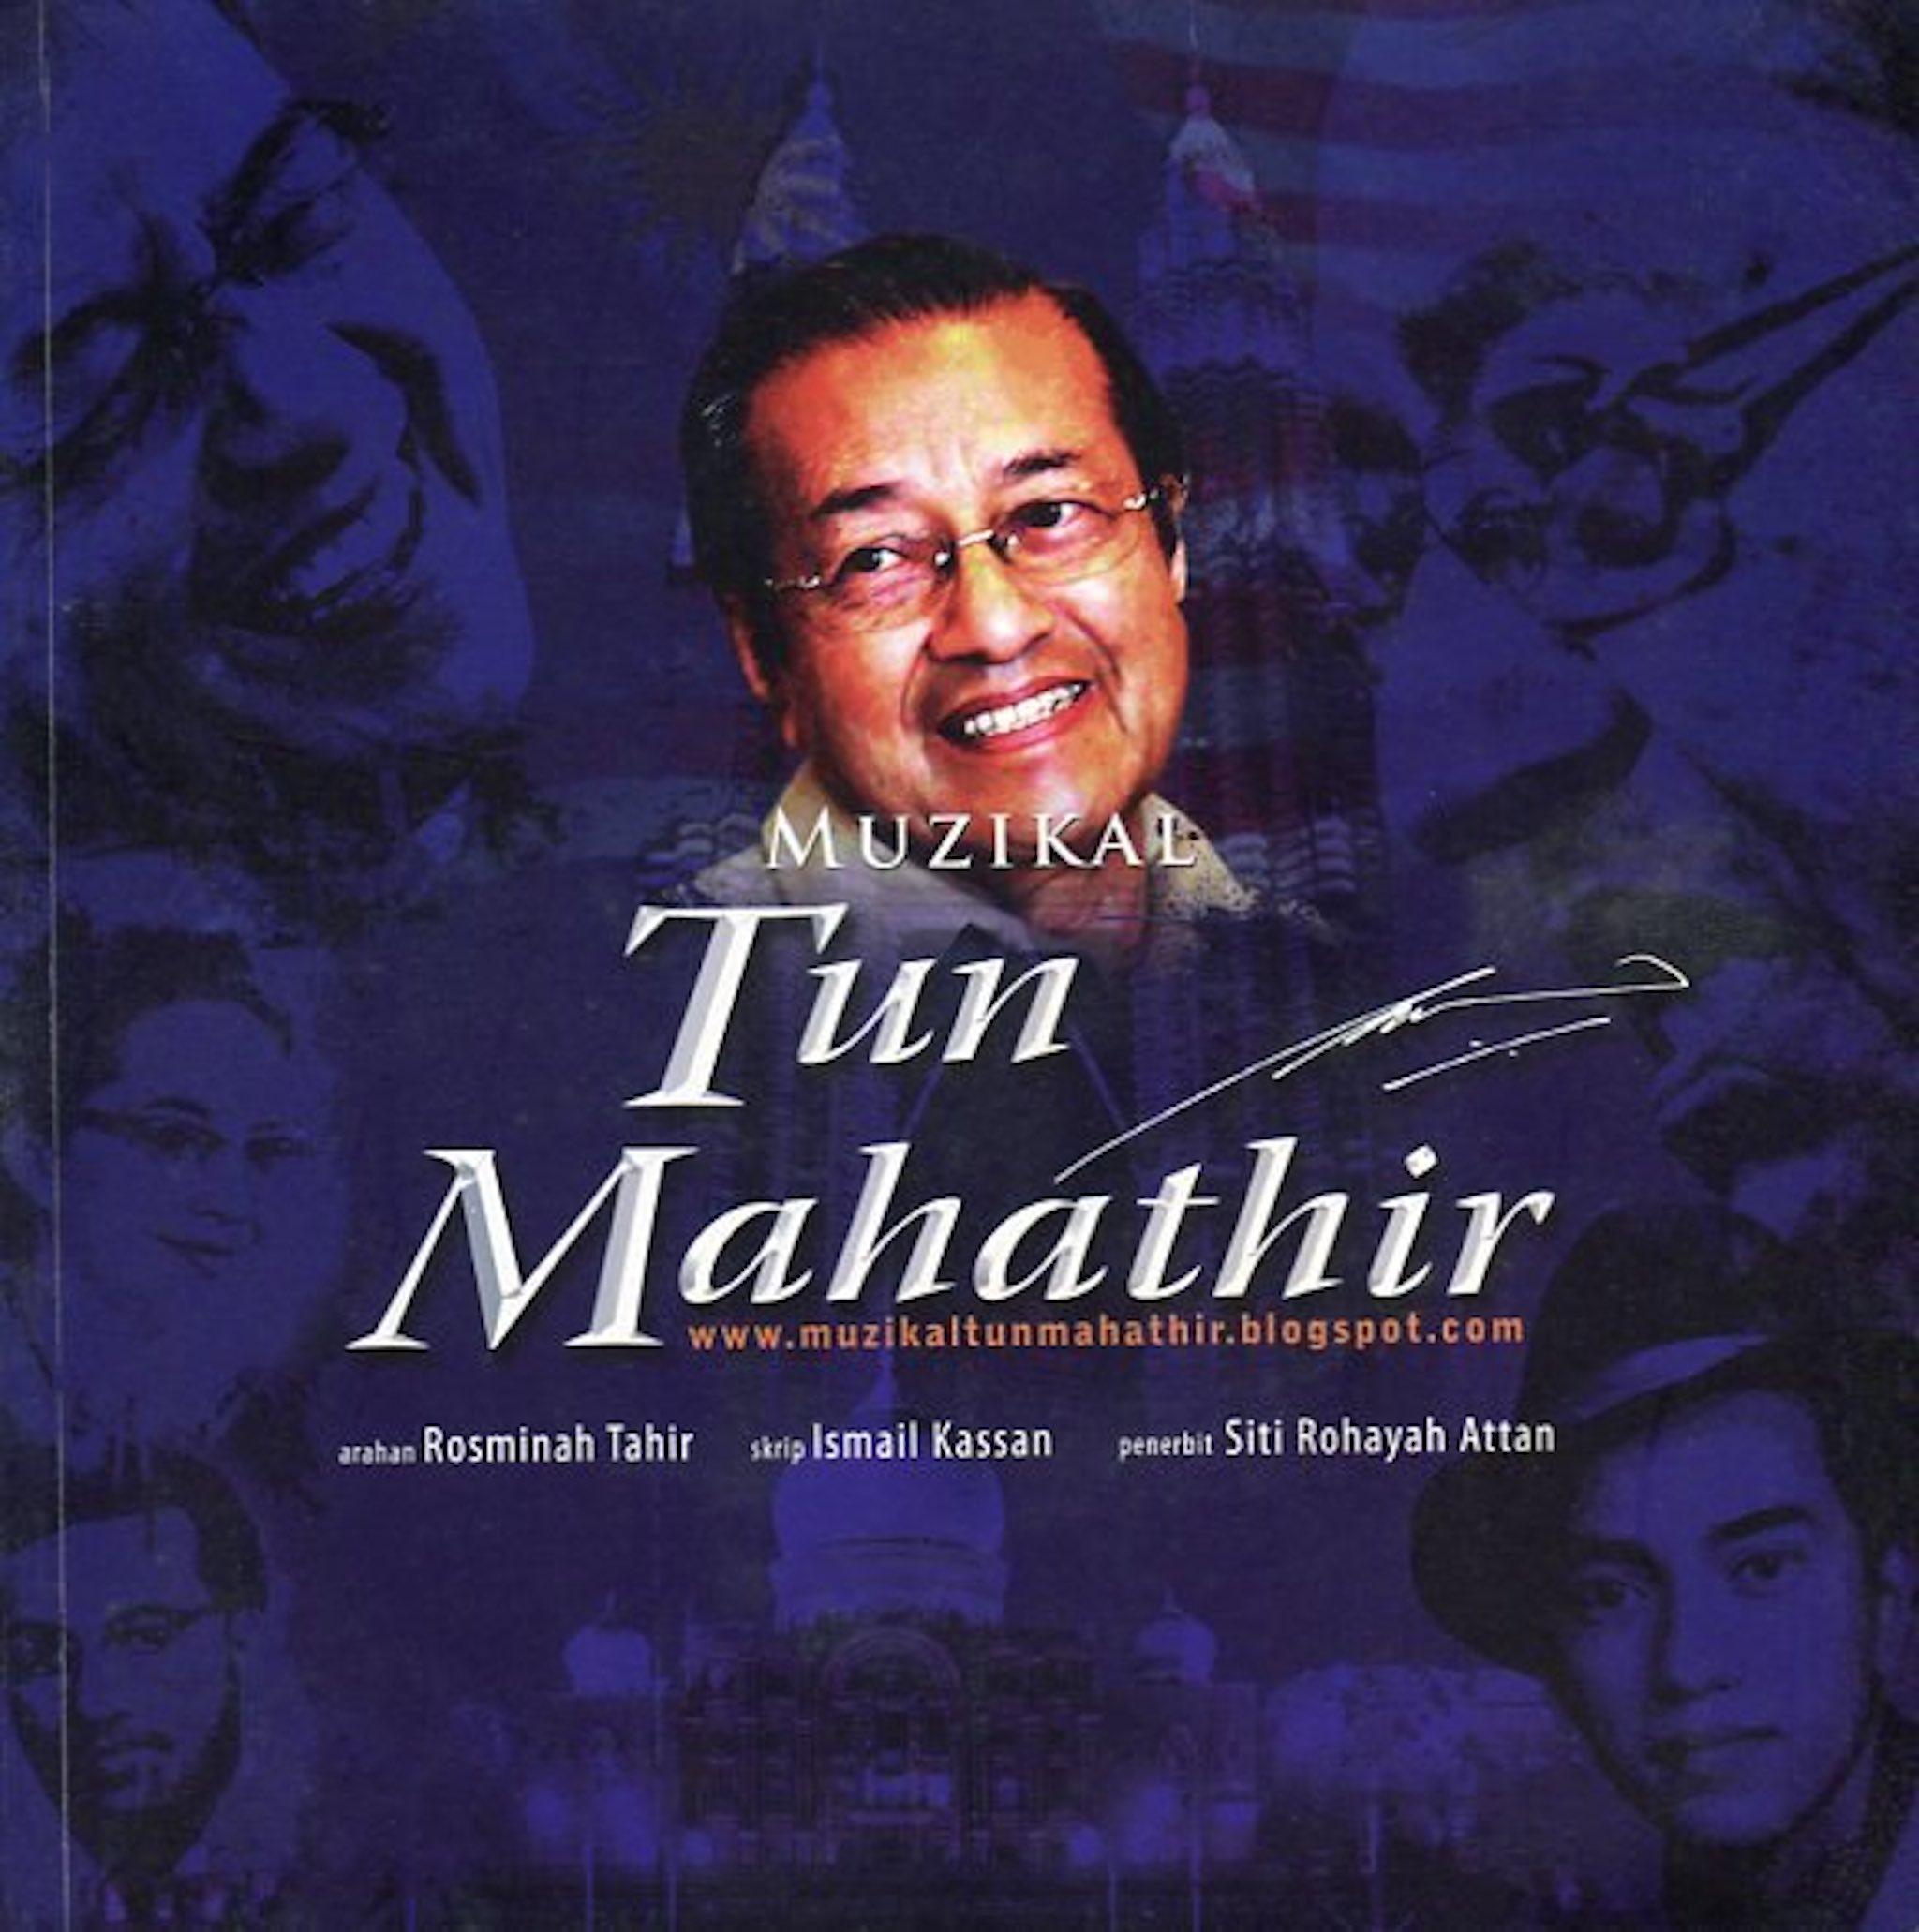 2010 Muzikal Tun Mahathir cover 1